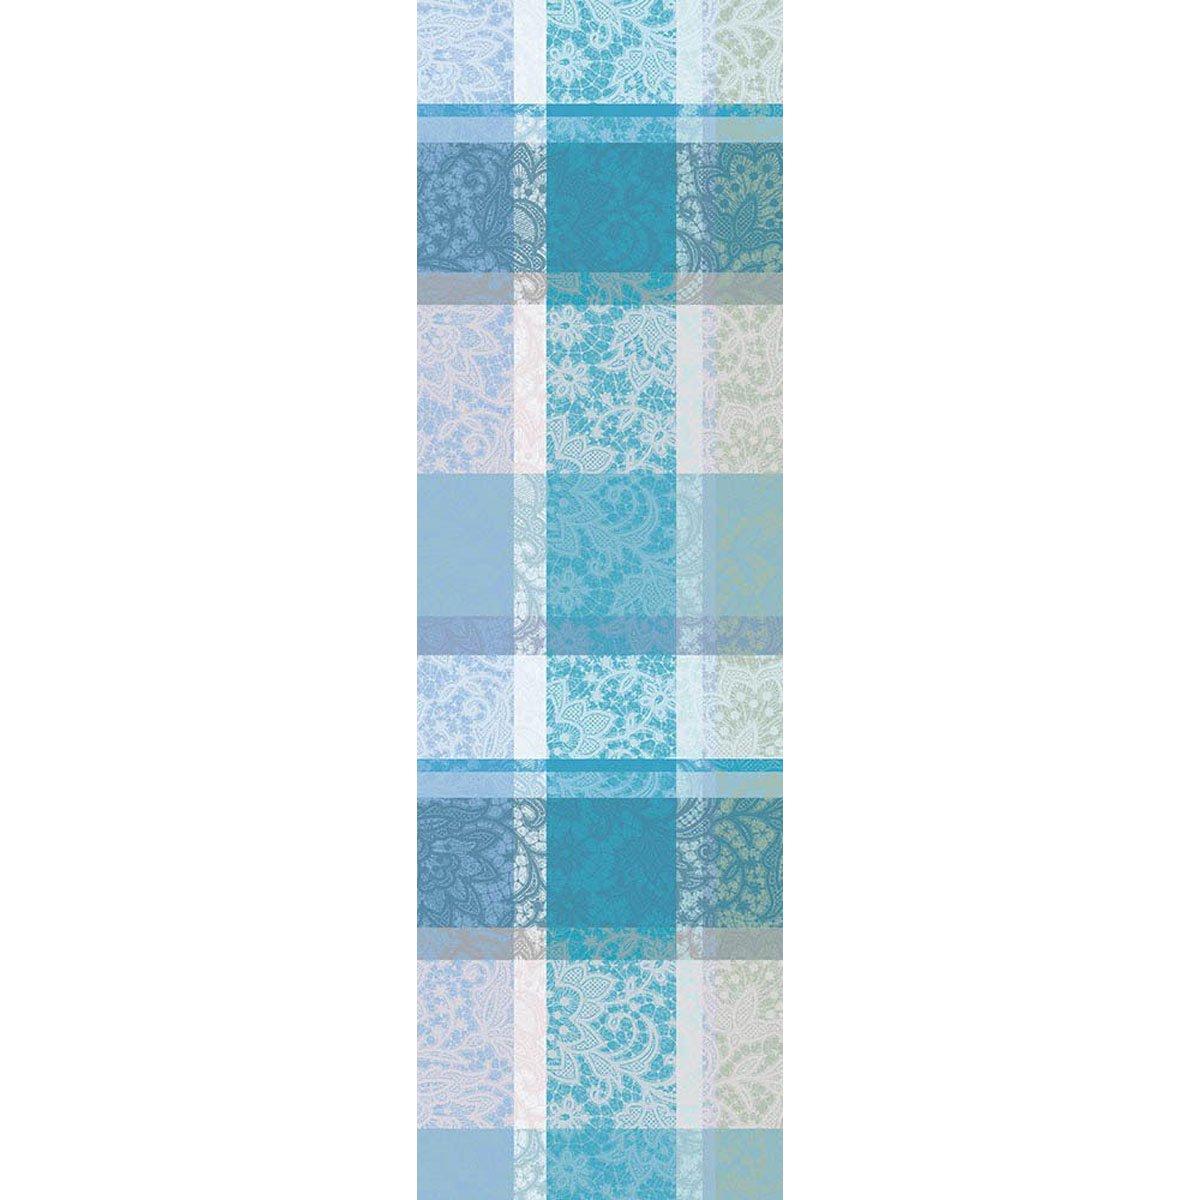 ガルニエティエボー 【撥水コート】テーブルランナー ミルダンテル ターコイズ